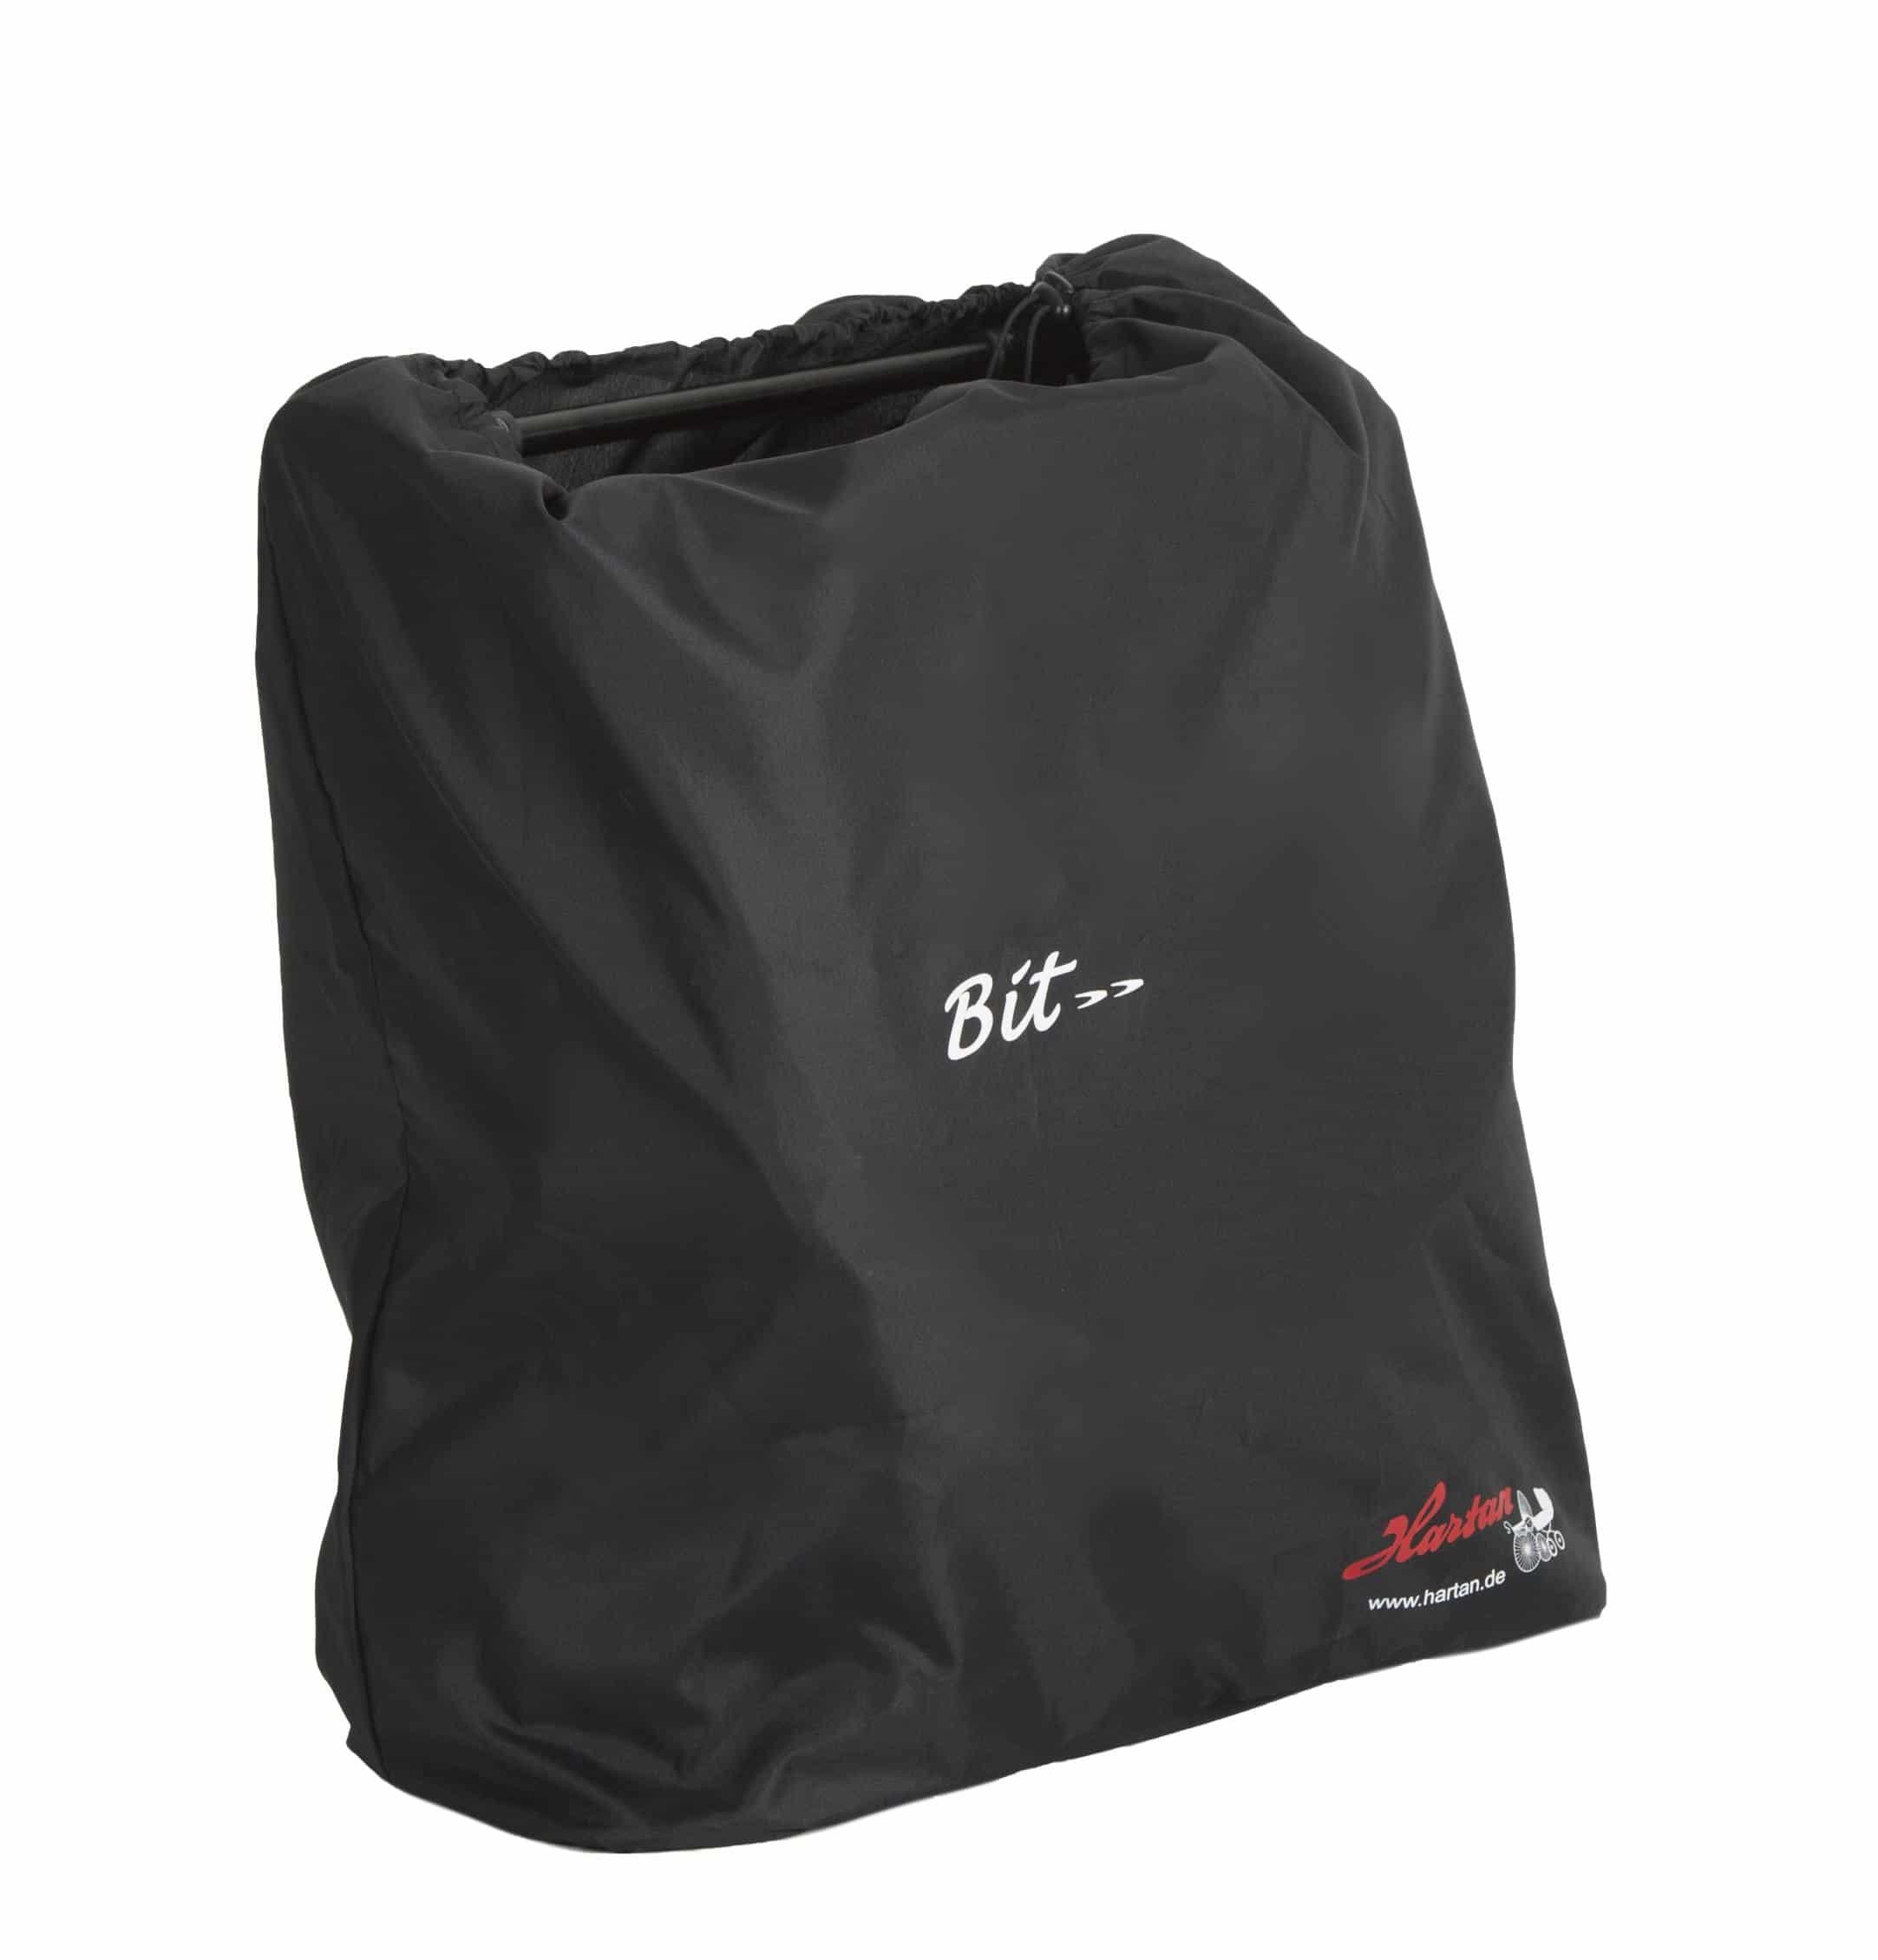 Bit folded in bag